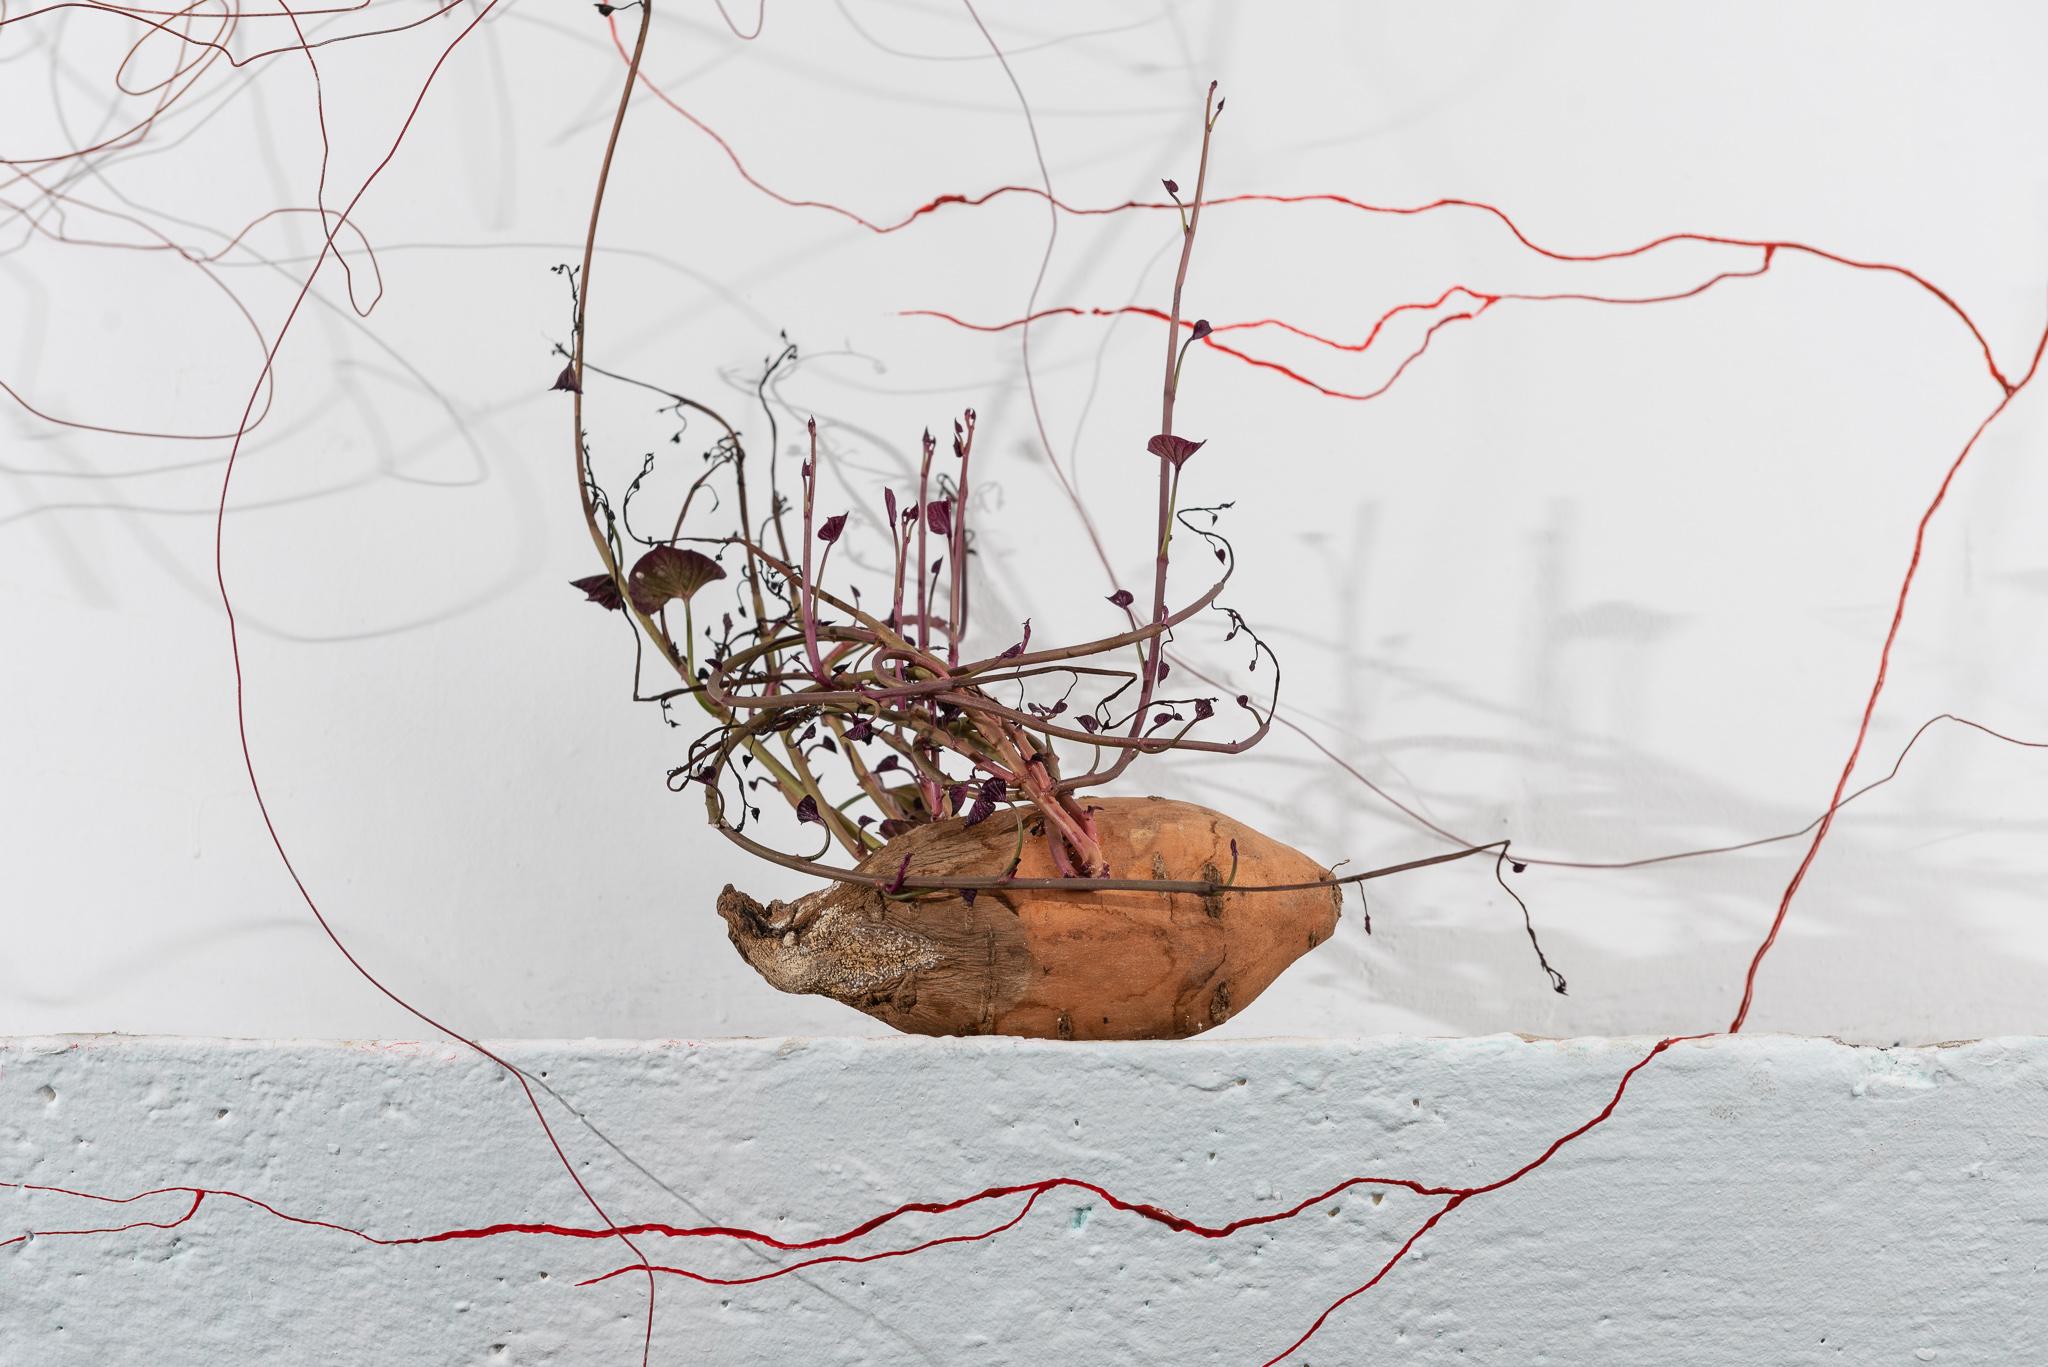 חומר מקומי 2020: תערוכת הגמר של המכון לאמנויות תל-חי